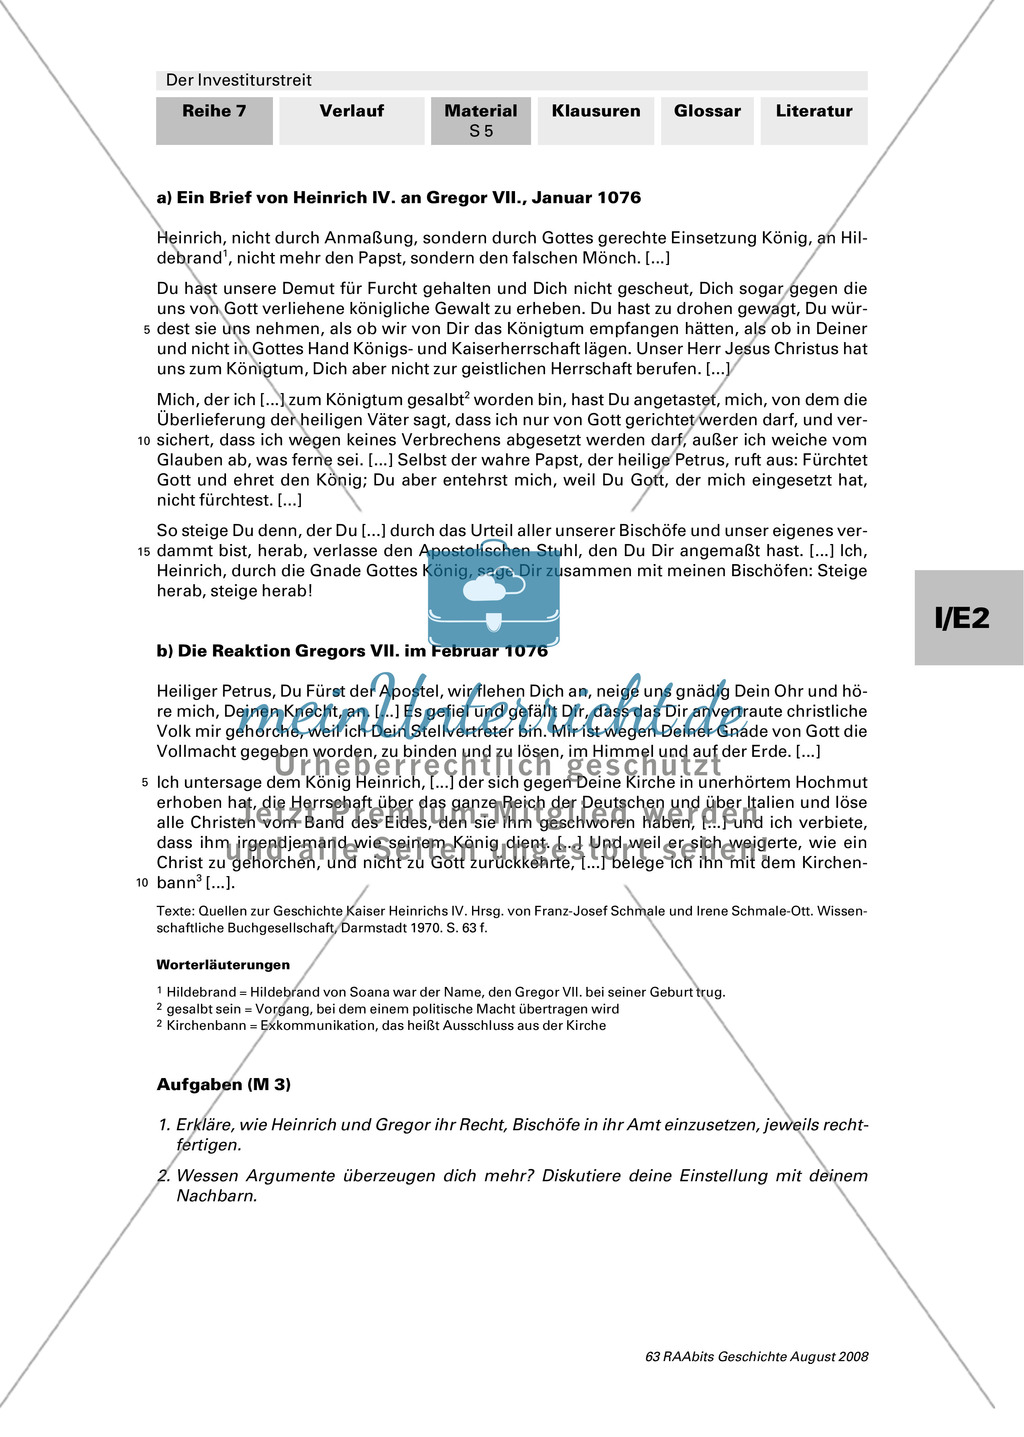 Der Investiturstreit: Ursachen für den 1057 entbrannten Machtkampf zwischen Gregor VII. und Heinrich IV. kennenlernen + einen Brief von Gregor an Heinrich verfassen Preview 4